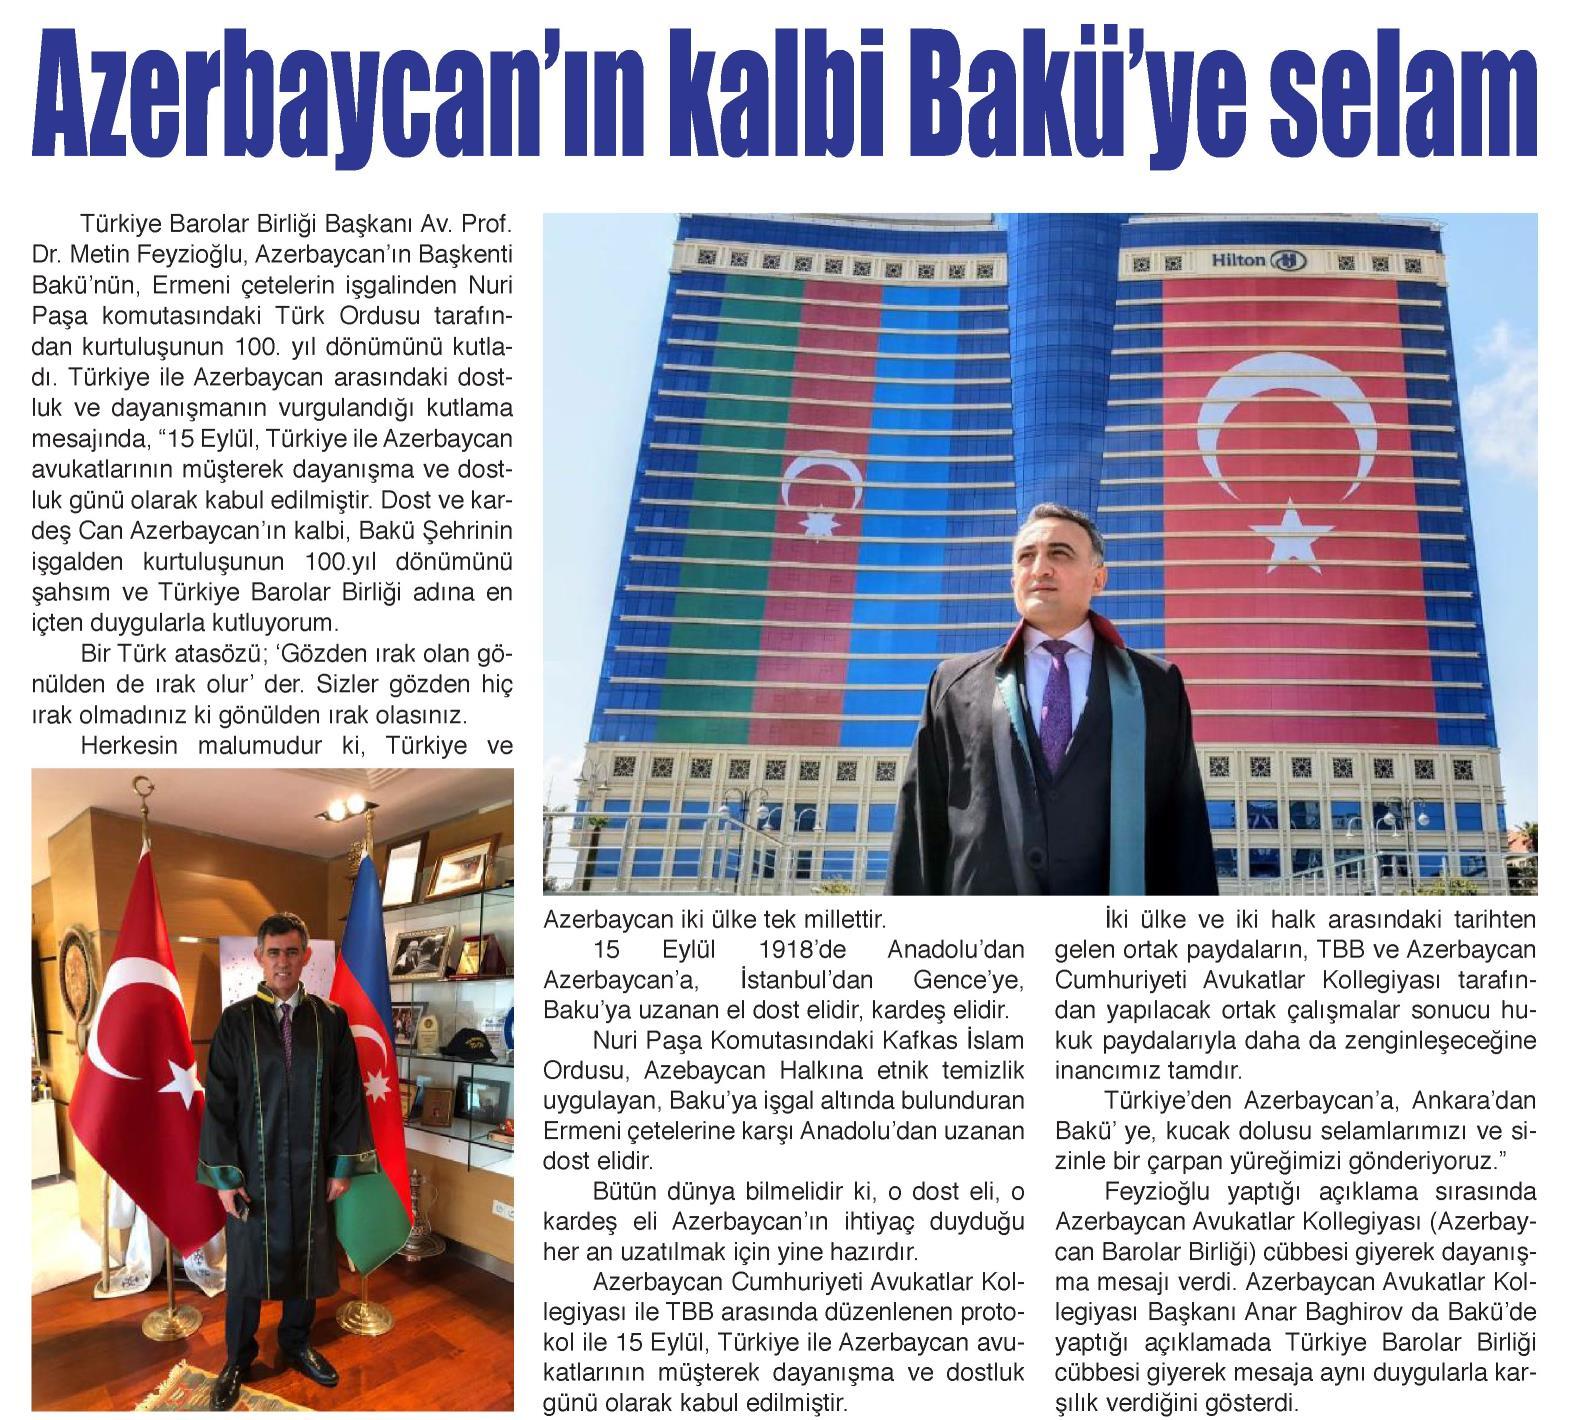 Yerel - Burdur, Azerbaycan'ın kalbi Bakü'ye selam